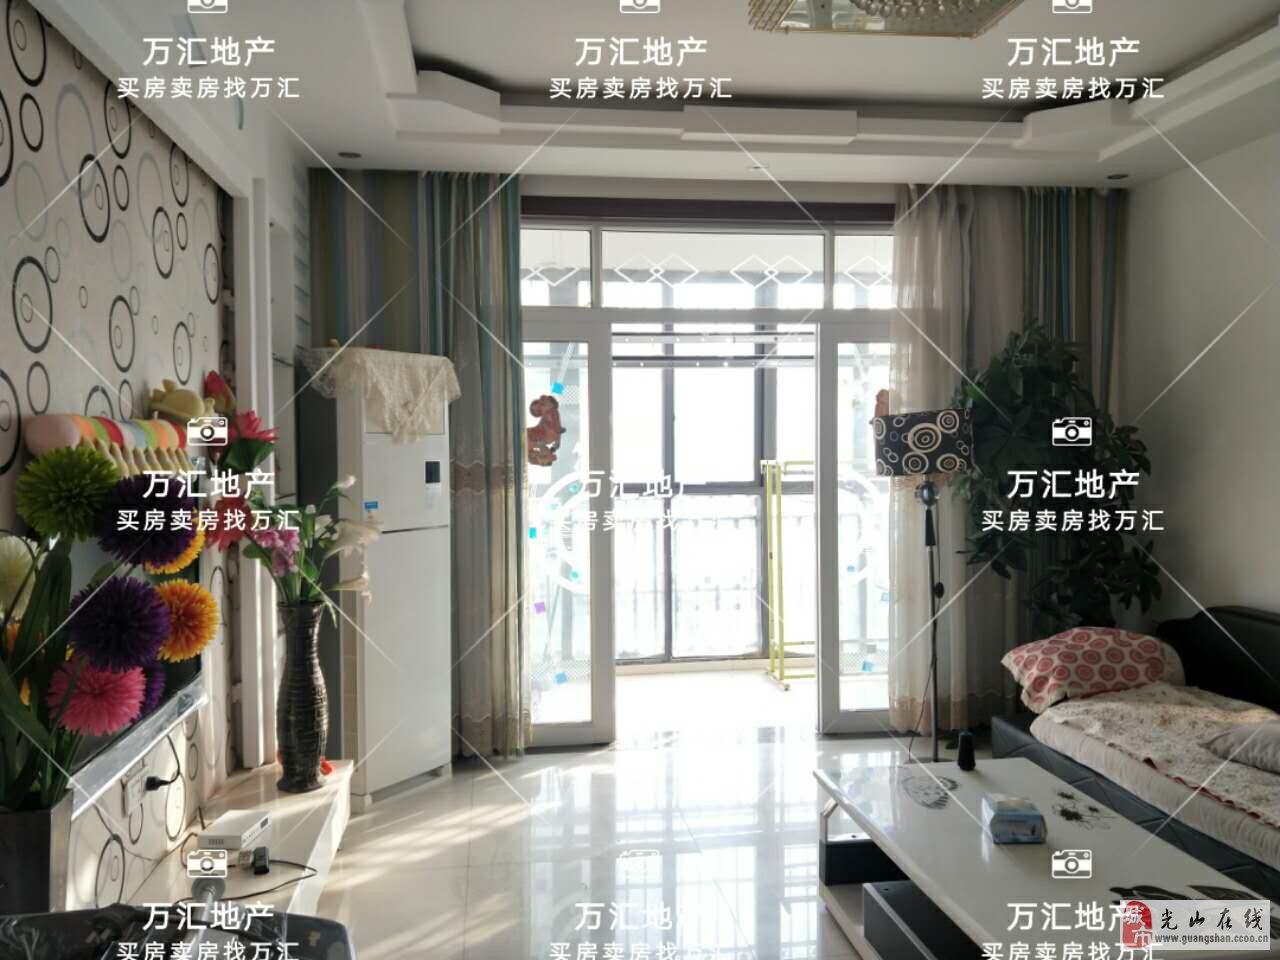 万汇地产:急售!20多万首付即可入住东城学区豪宅